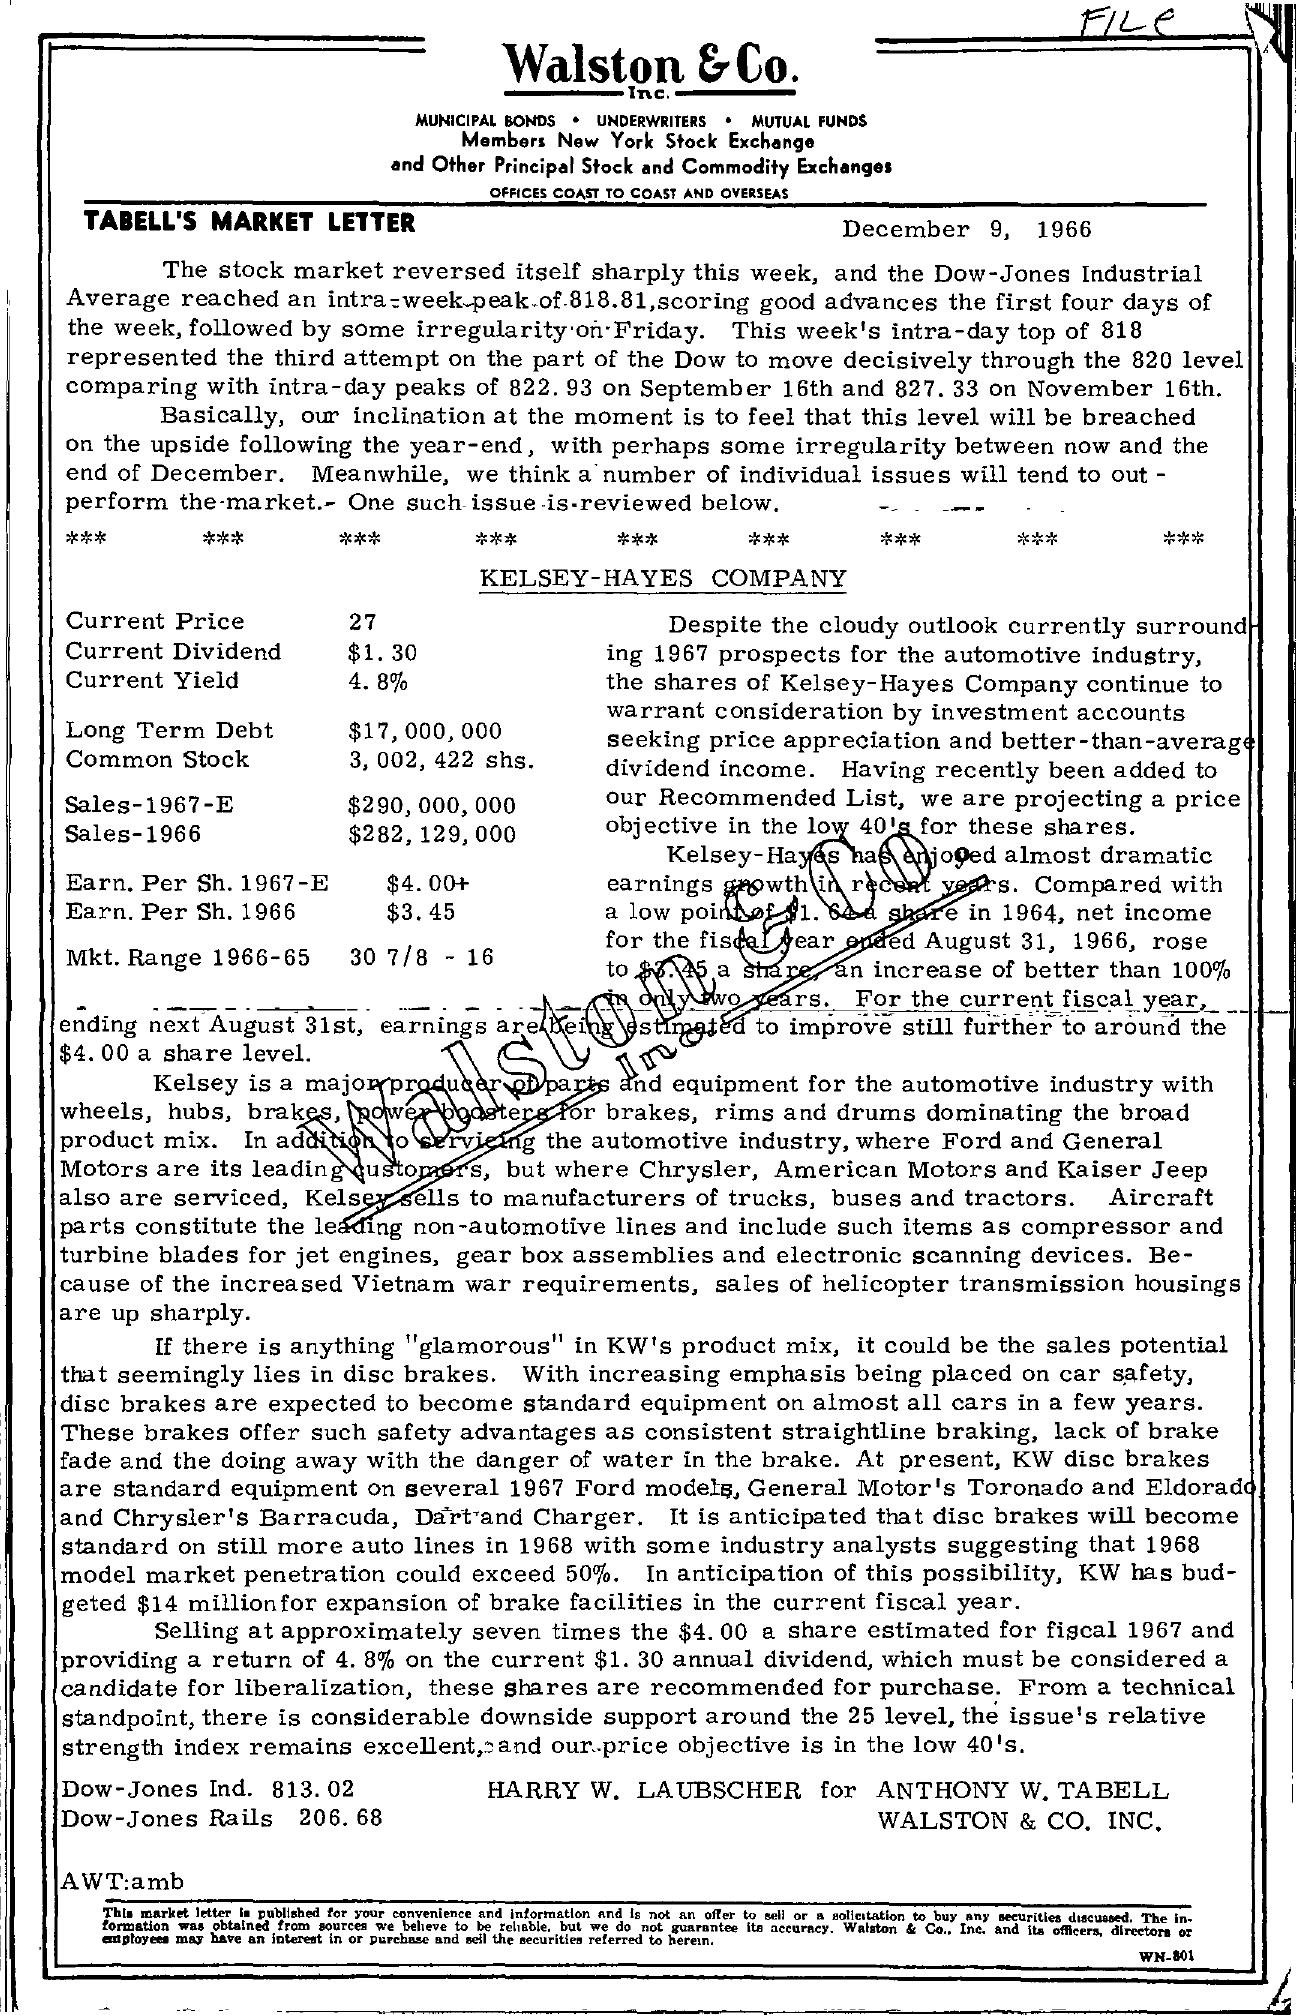 Tabell's Market Letter - December 09, 1966